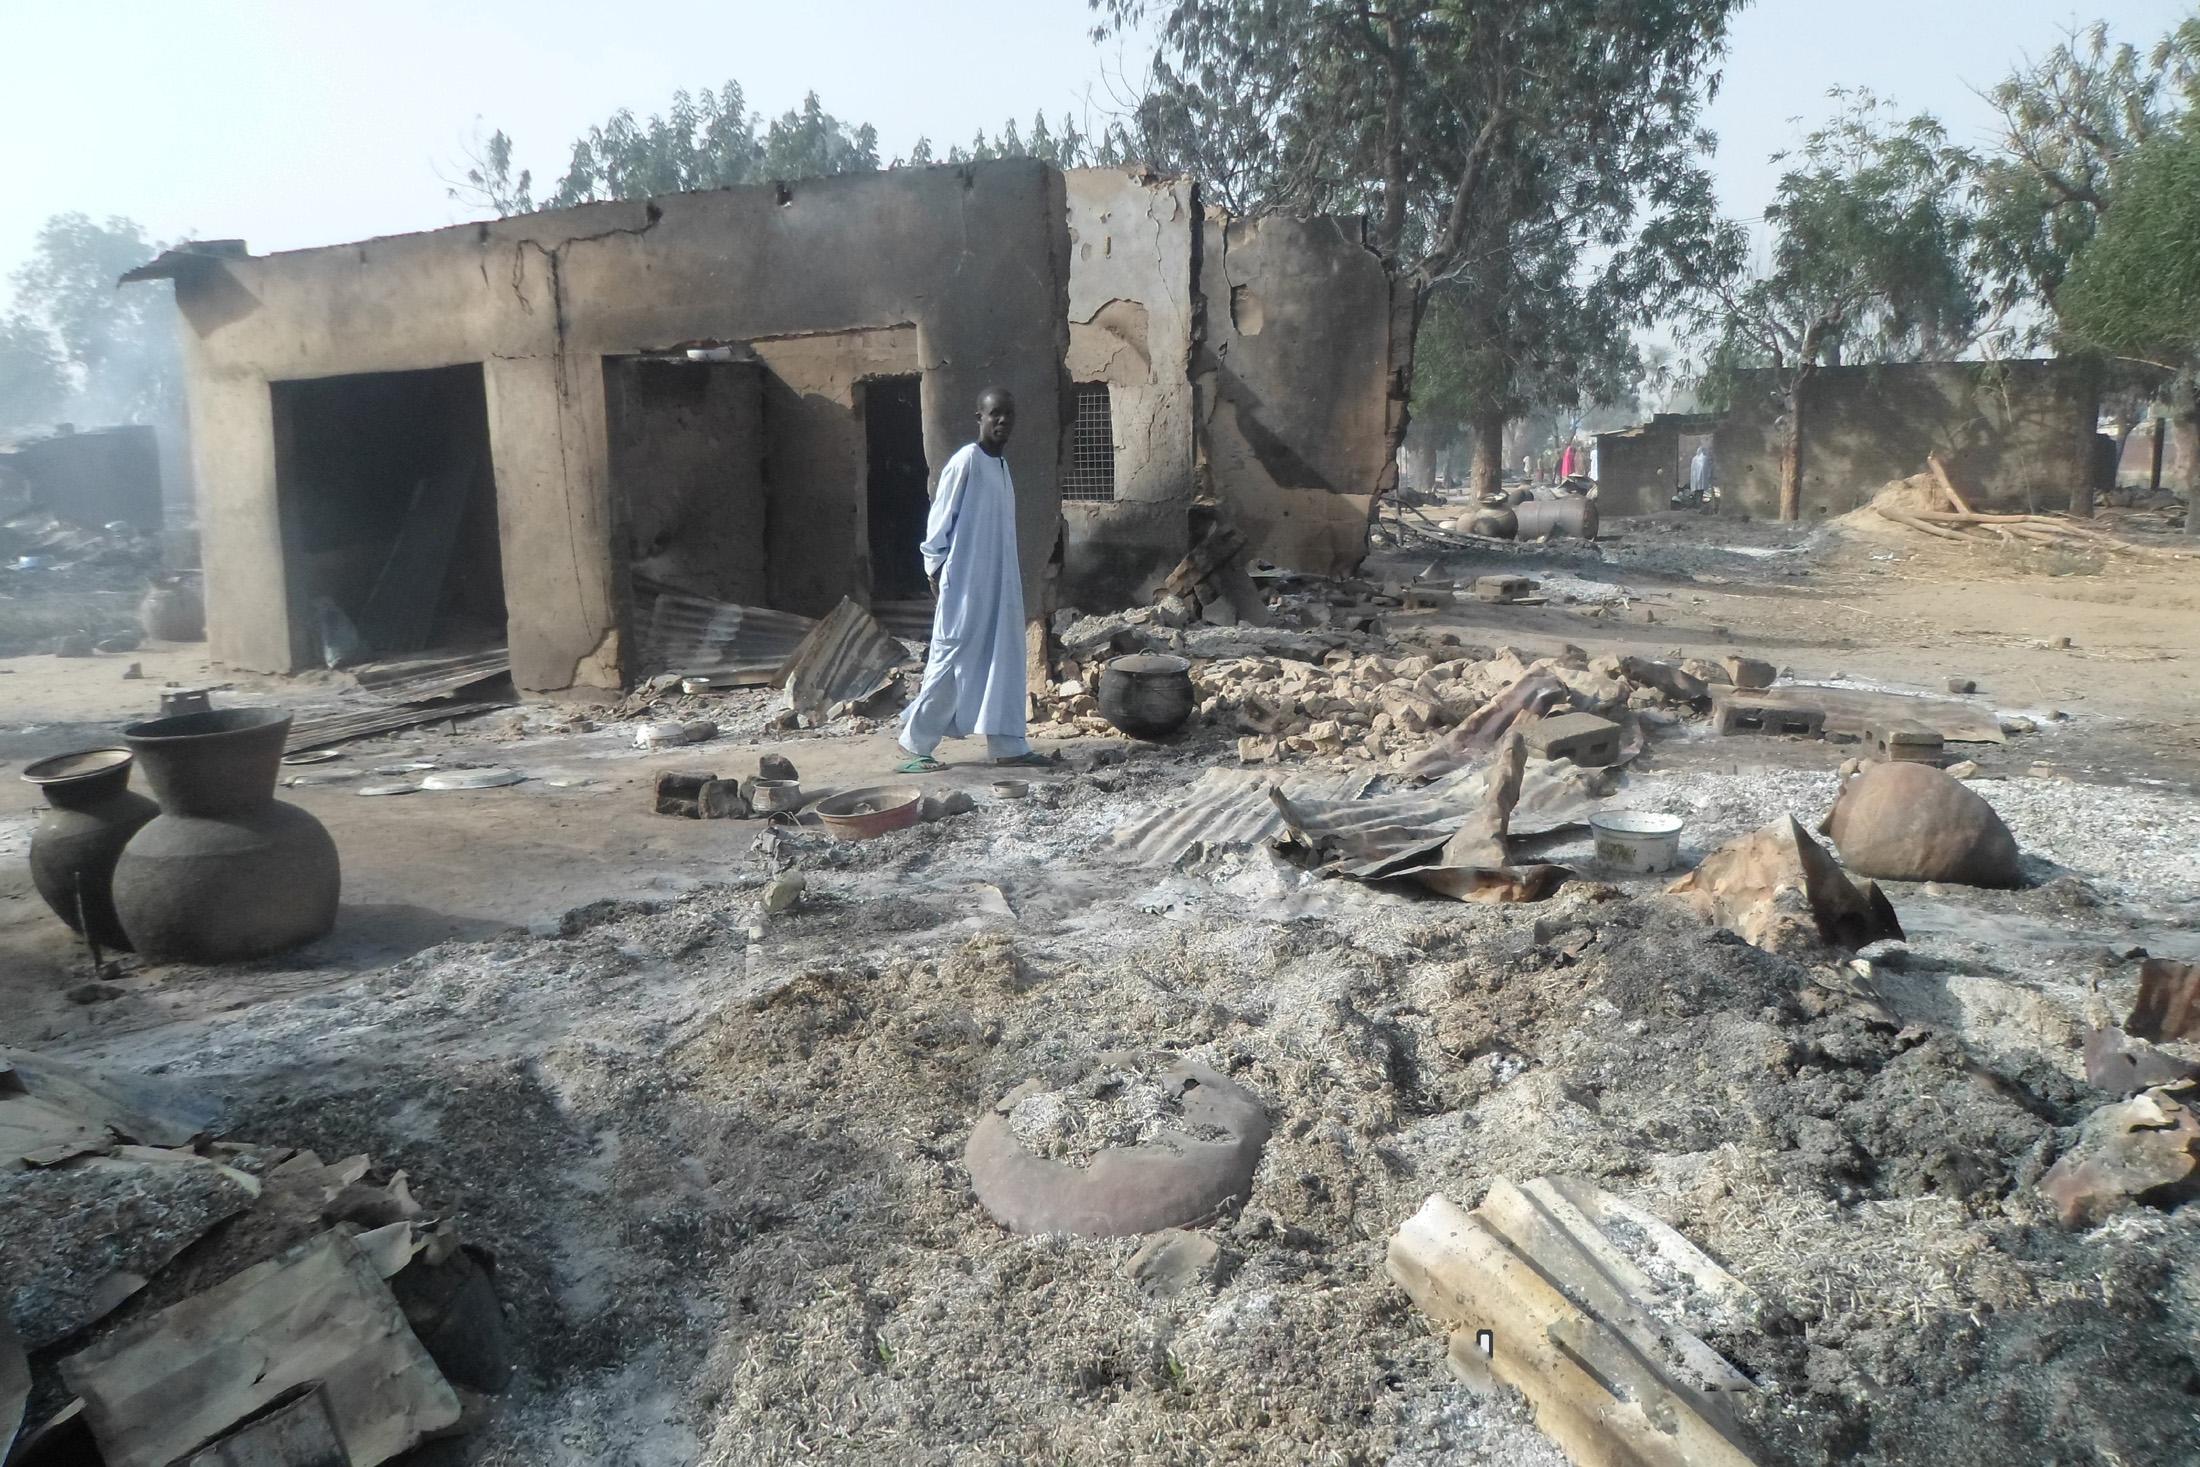 Un hombre camina entre viviendas quemadas luego de un ataque de extremistas de Boko Haram en al pueblo de Dalori, a 5 kilómetros (3 millas) de Maiduguri, Nigeria, el domingo 31 de enero de 2016. (Foto AP/Jossy Ola)